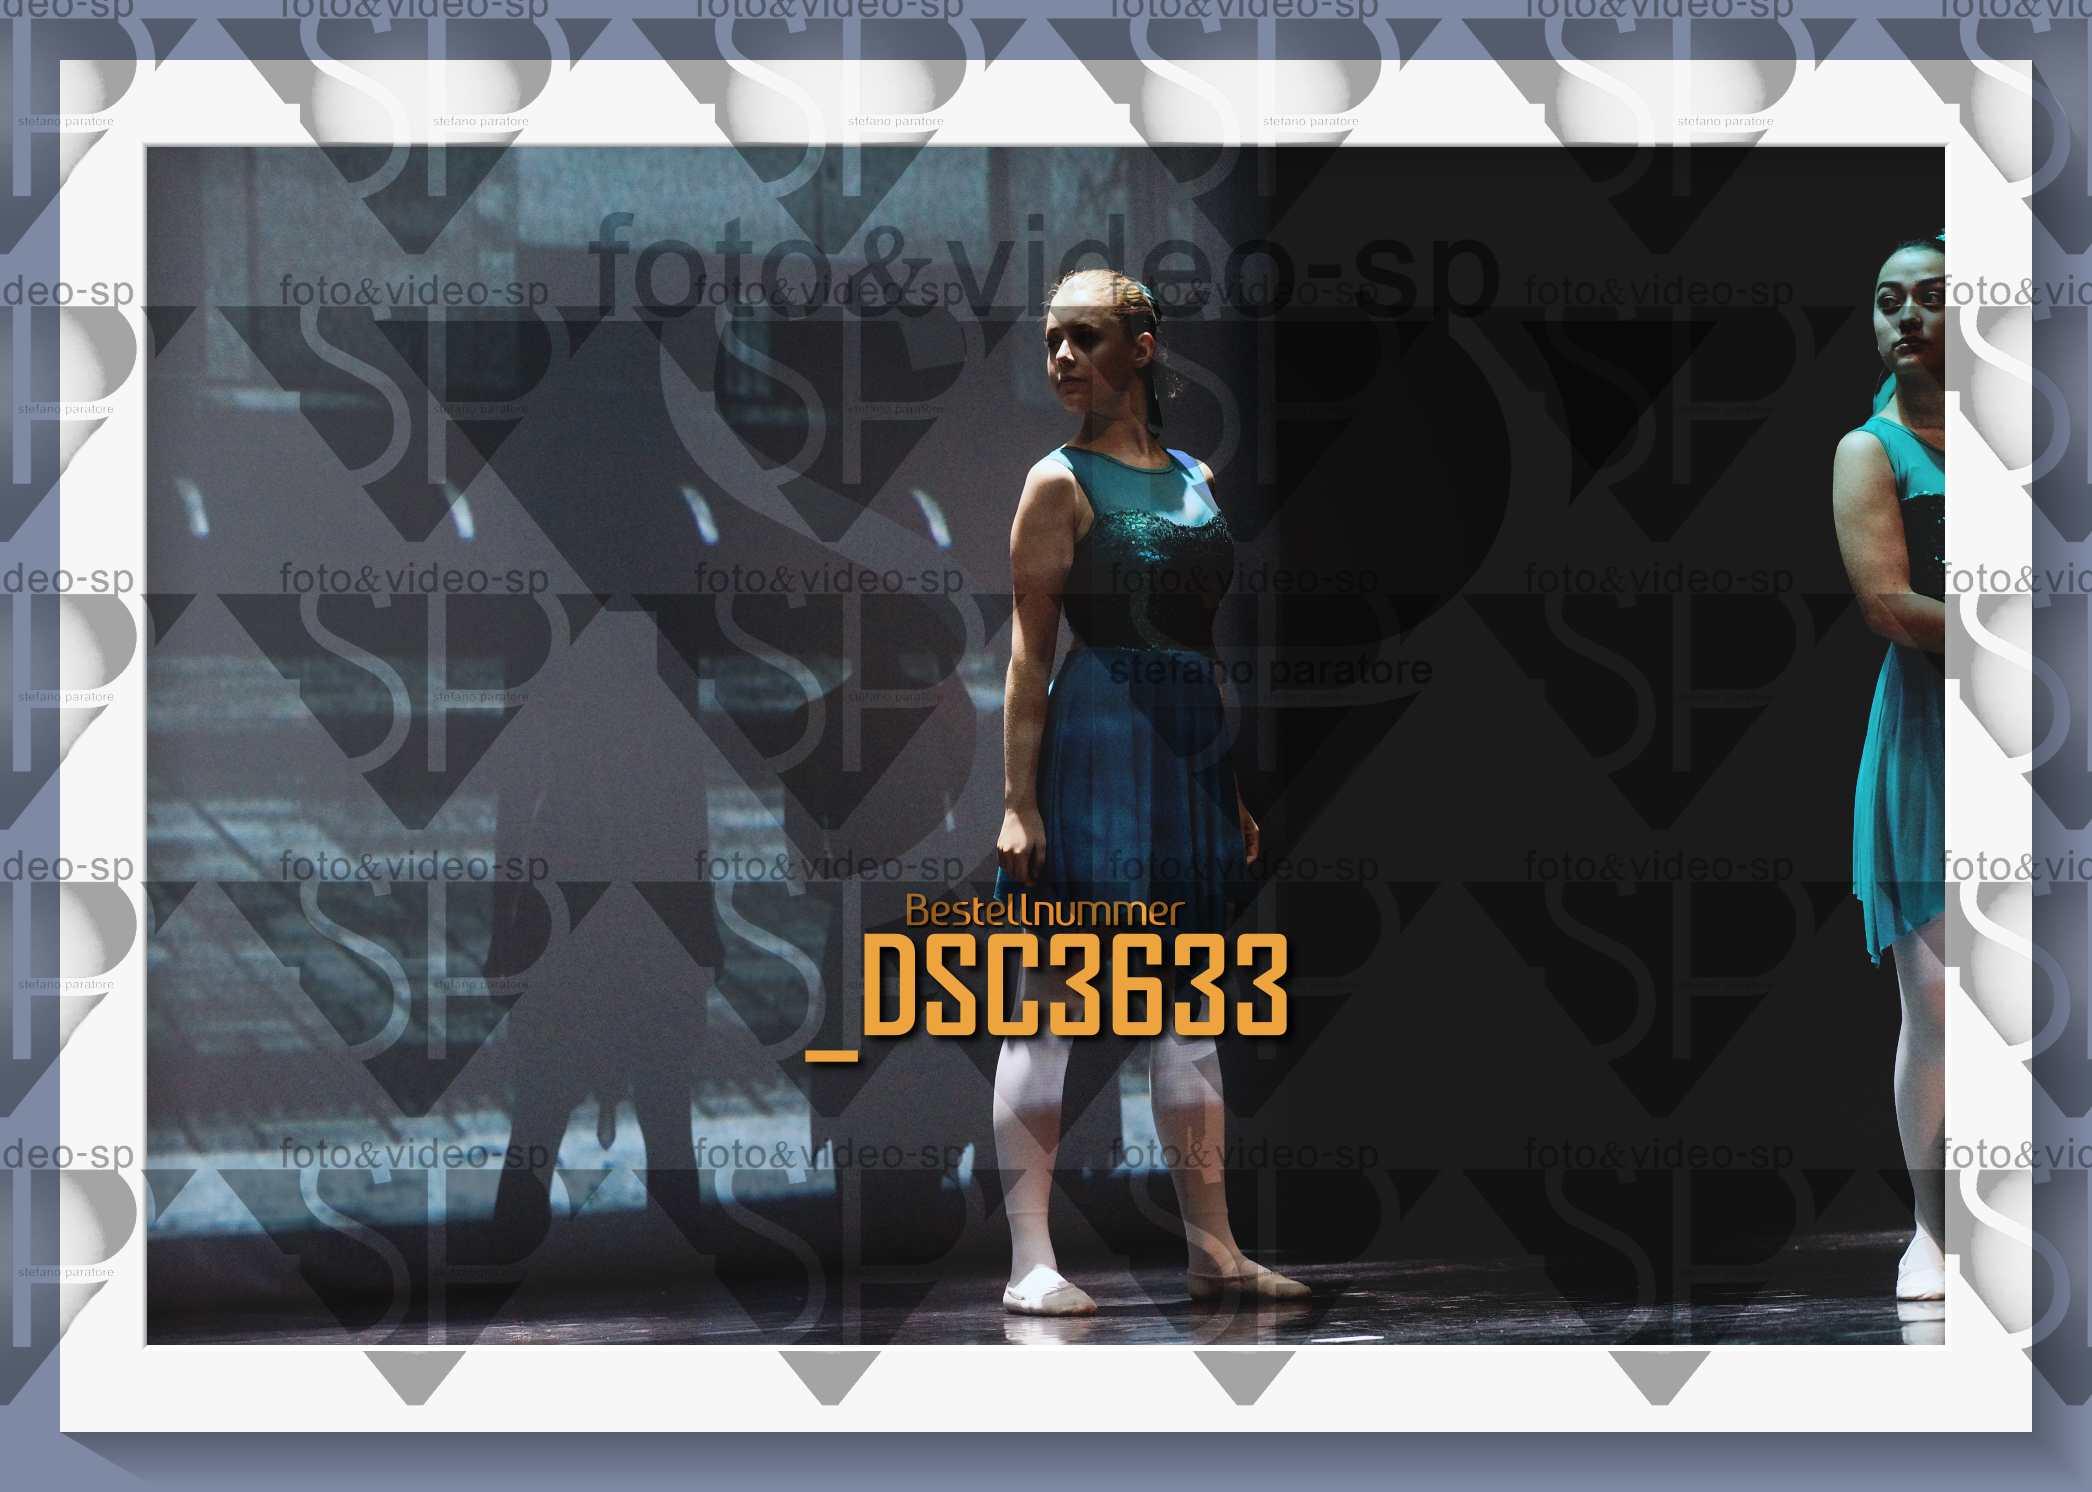 DSC3633